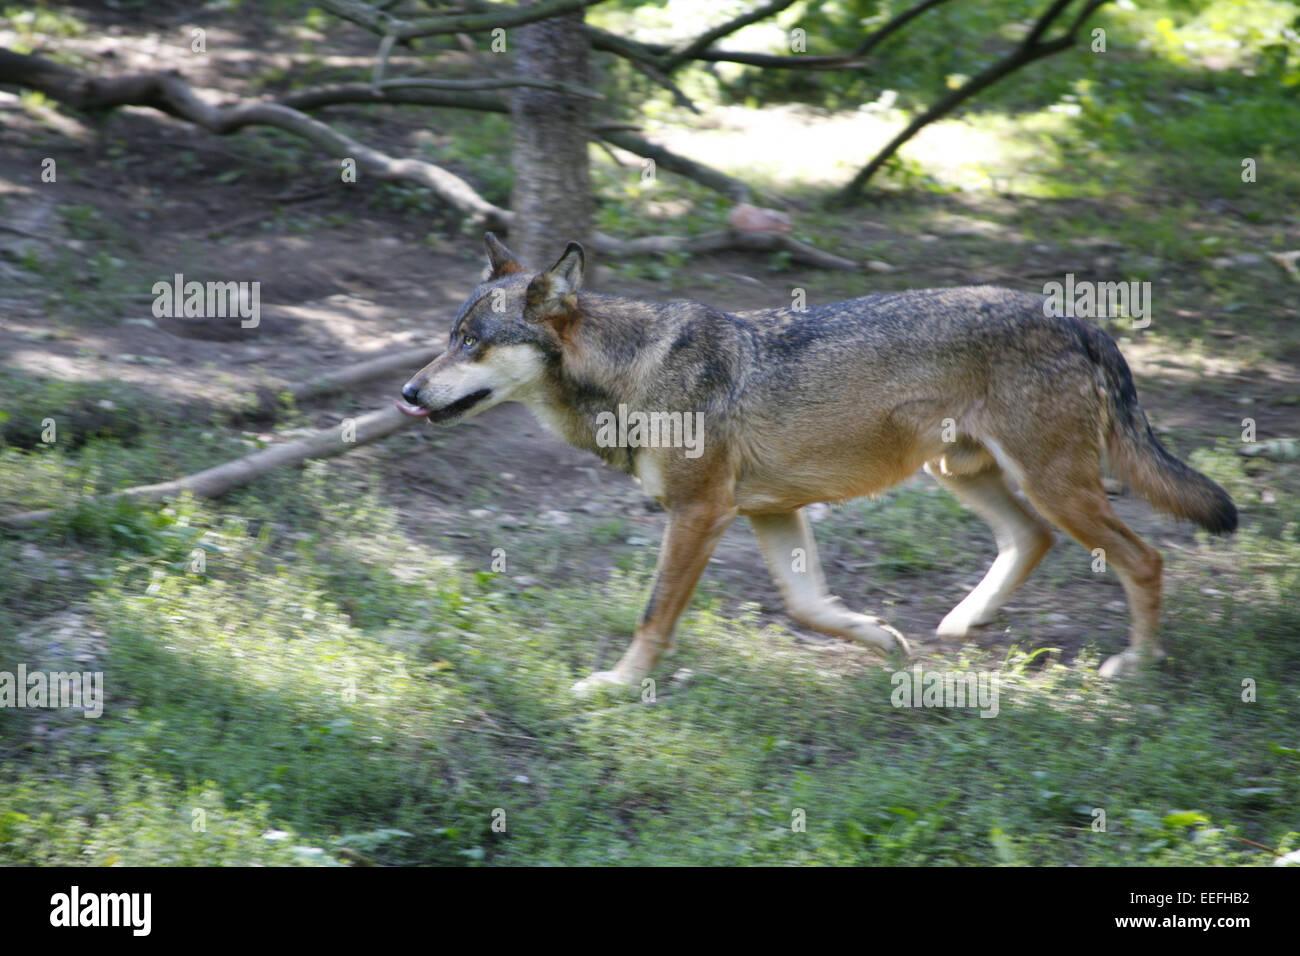 Prag, Tschechische Republik, Wald, Grauwolf, Canis Lupus, Natur, Tierwelt, Tier, Tiere, Saeugetier, Säugetier, Stockbild